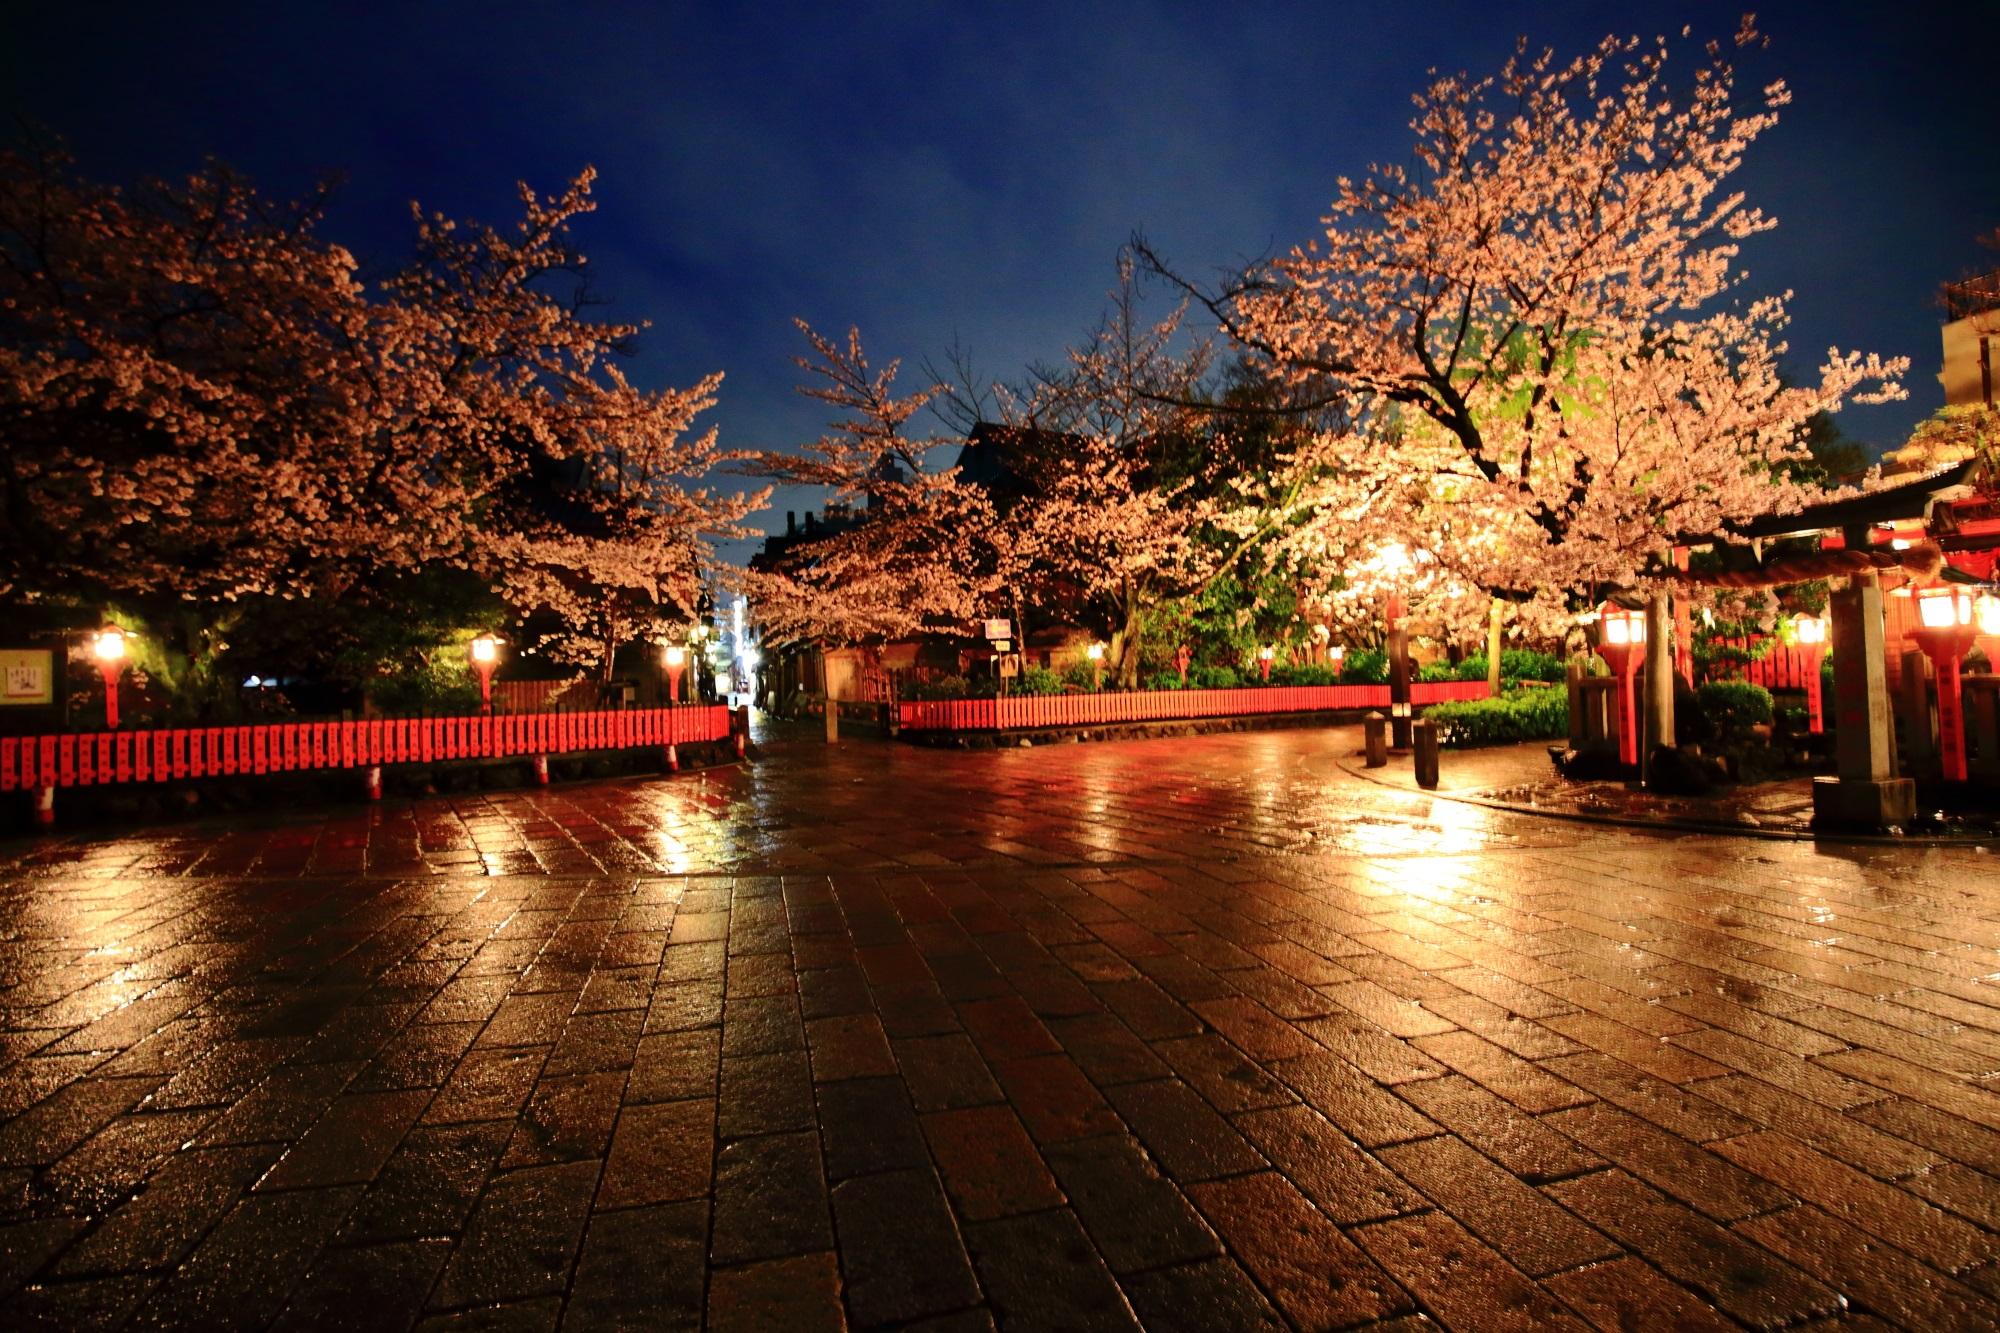 桜と雨と石畳